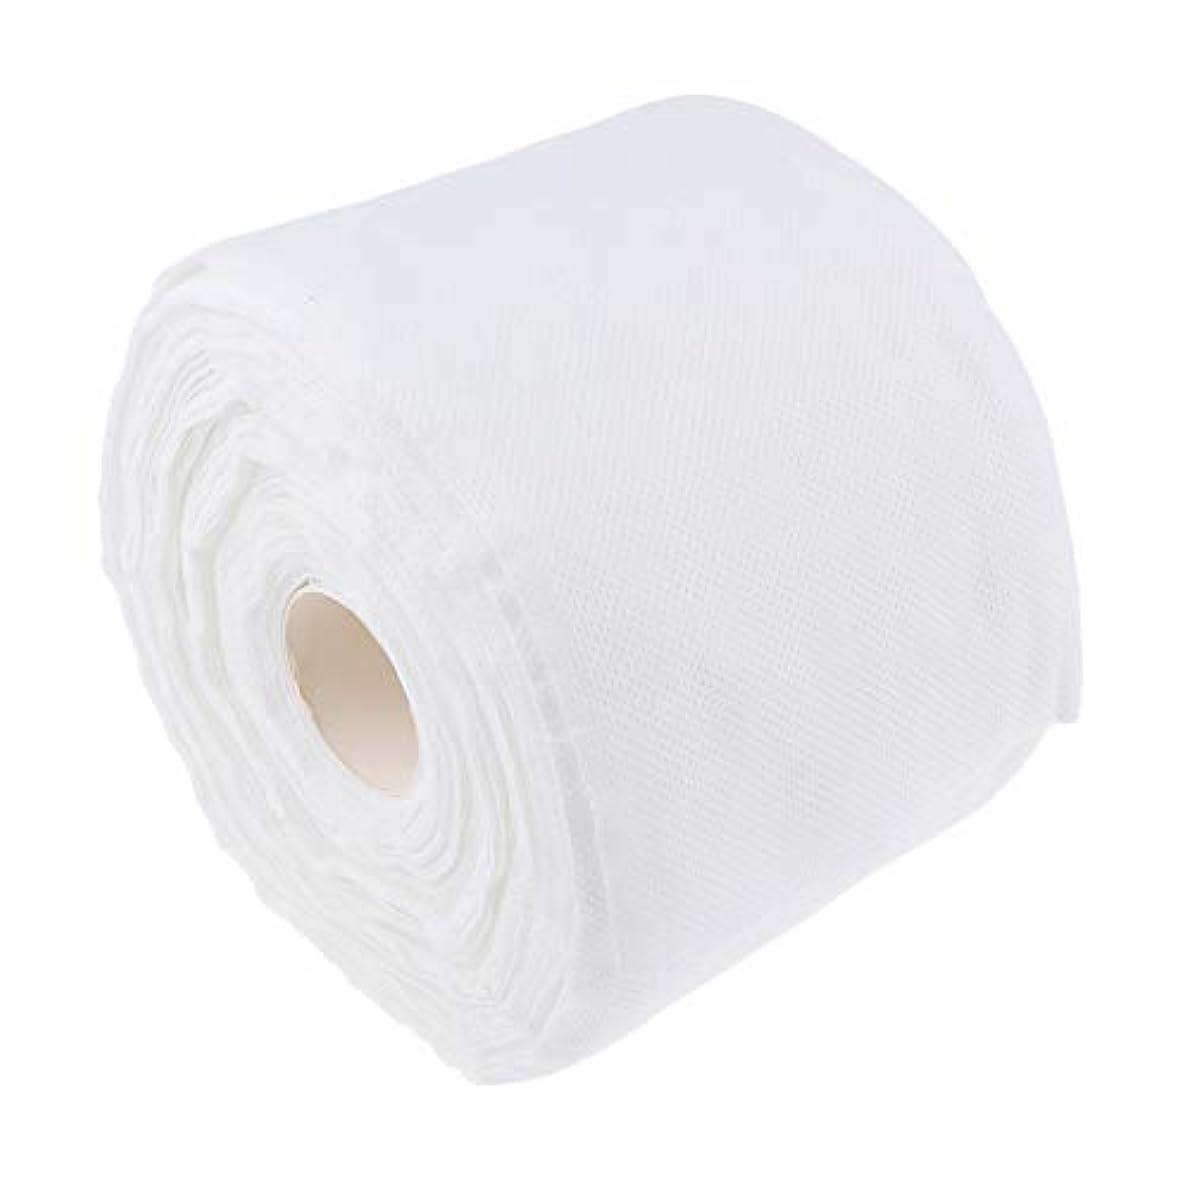 ルート体デイジーメイクコットンパッド 使い捨て 柔らか コットン タオル クリーニング 拭き取り ティッシュロール